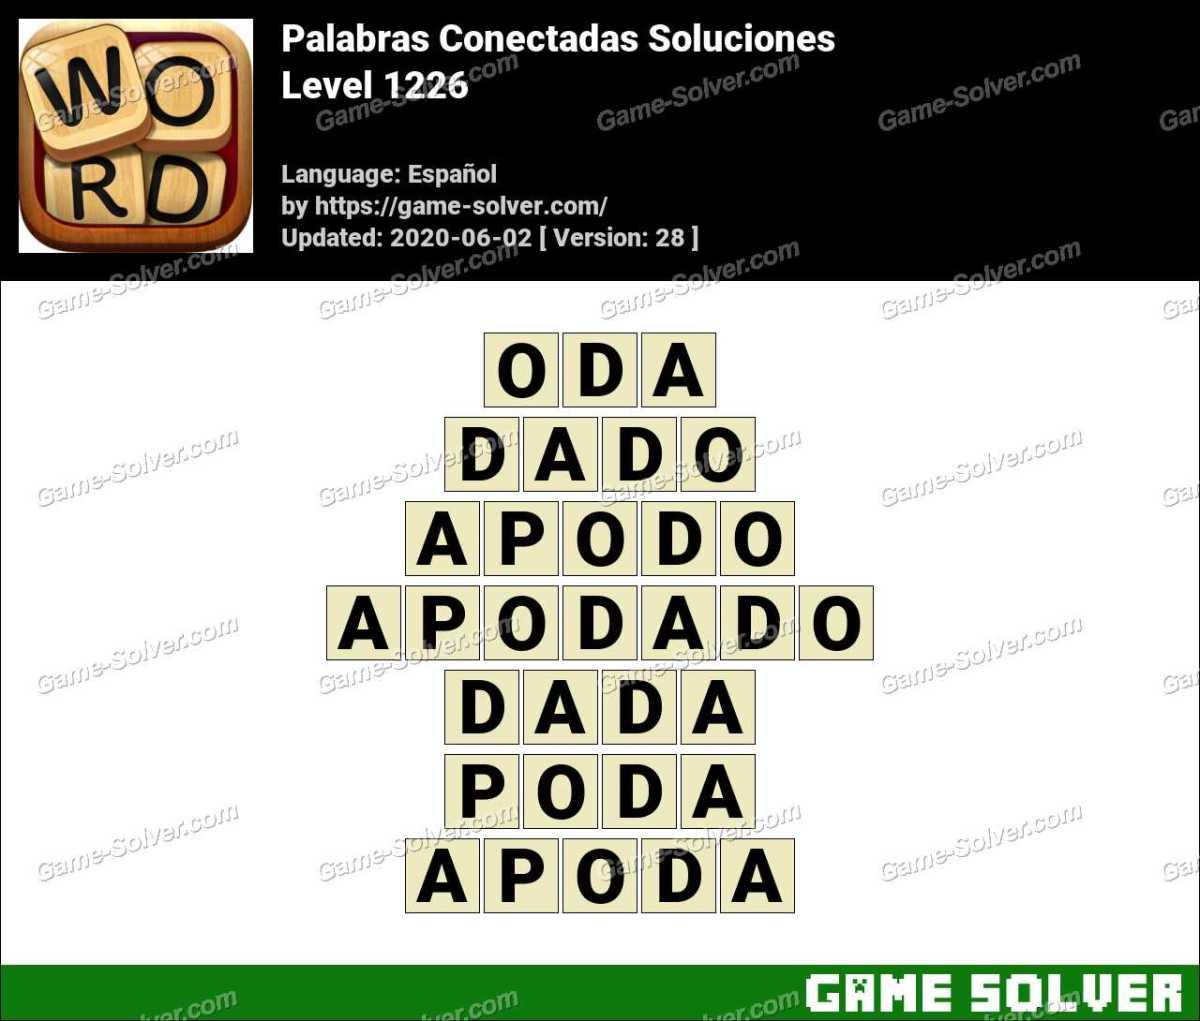 Palabras Conectadas Nivel 1226 Soluciones